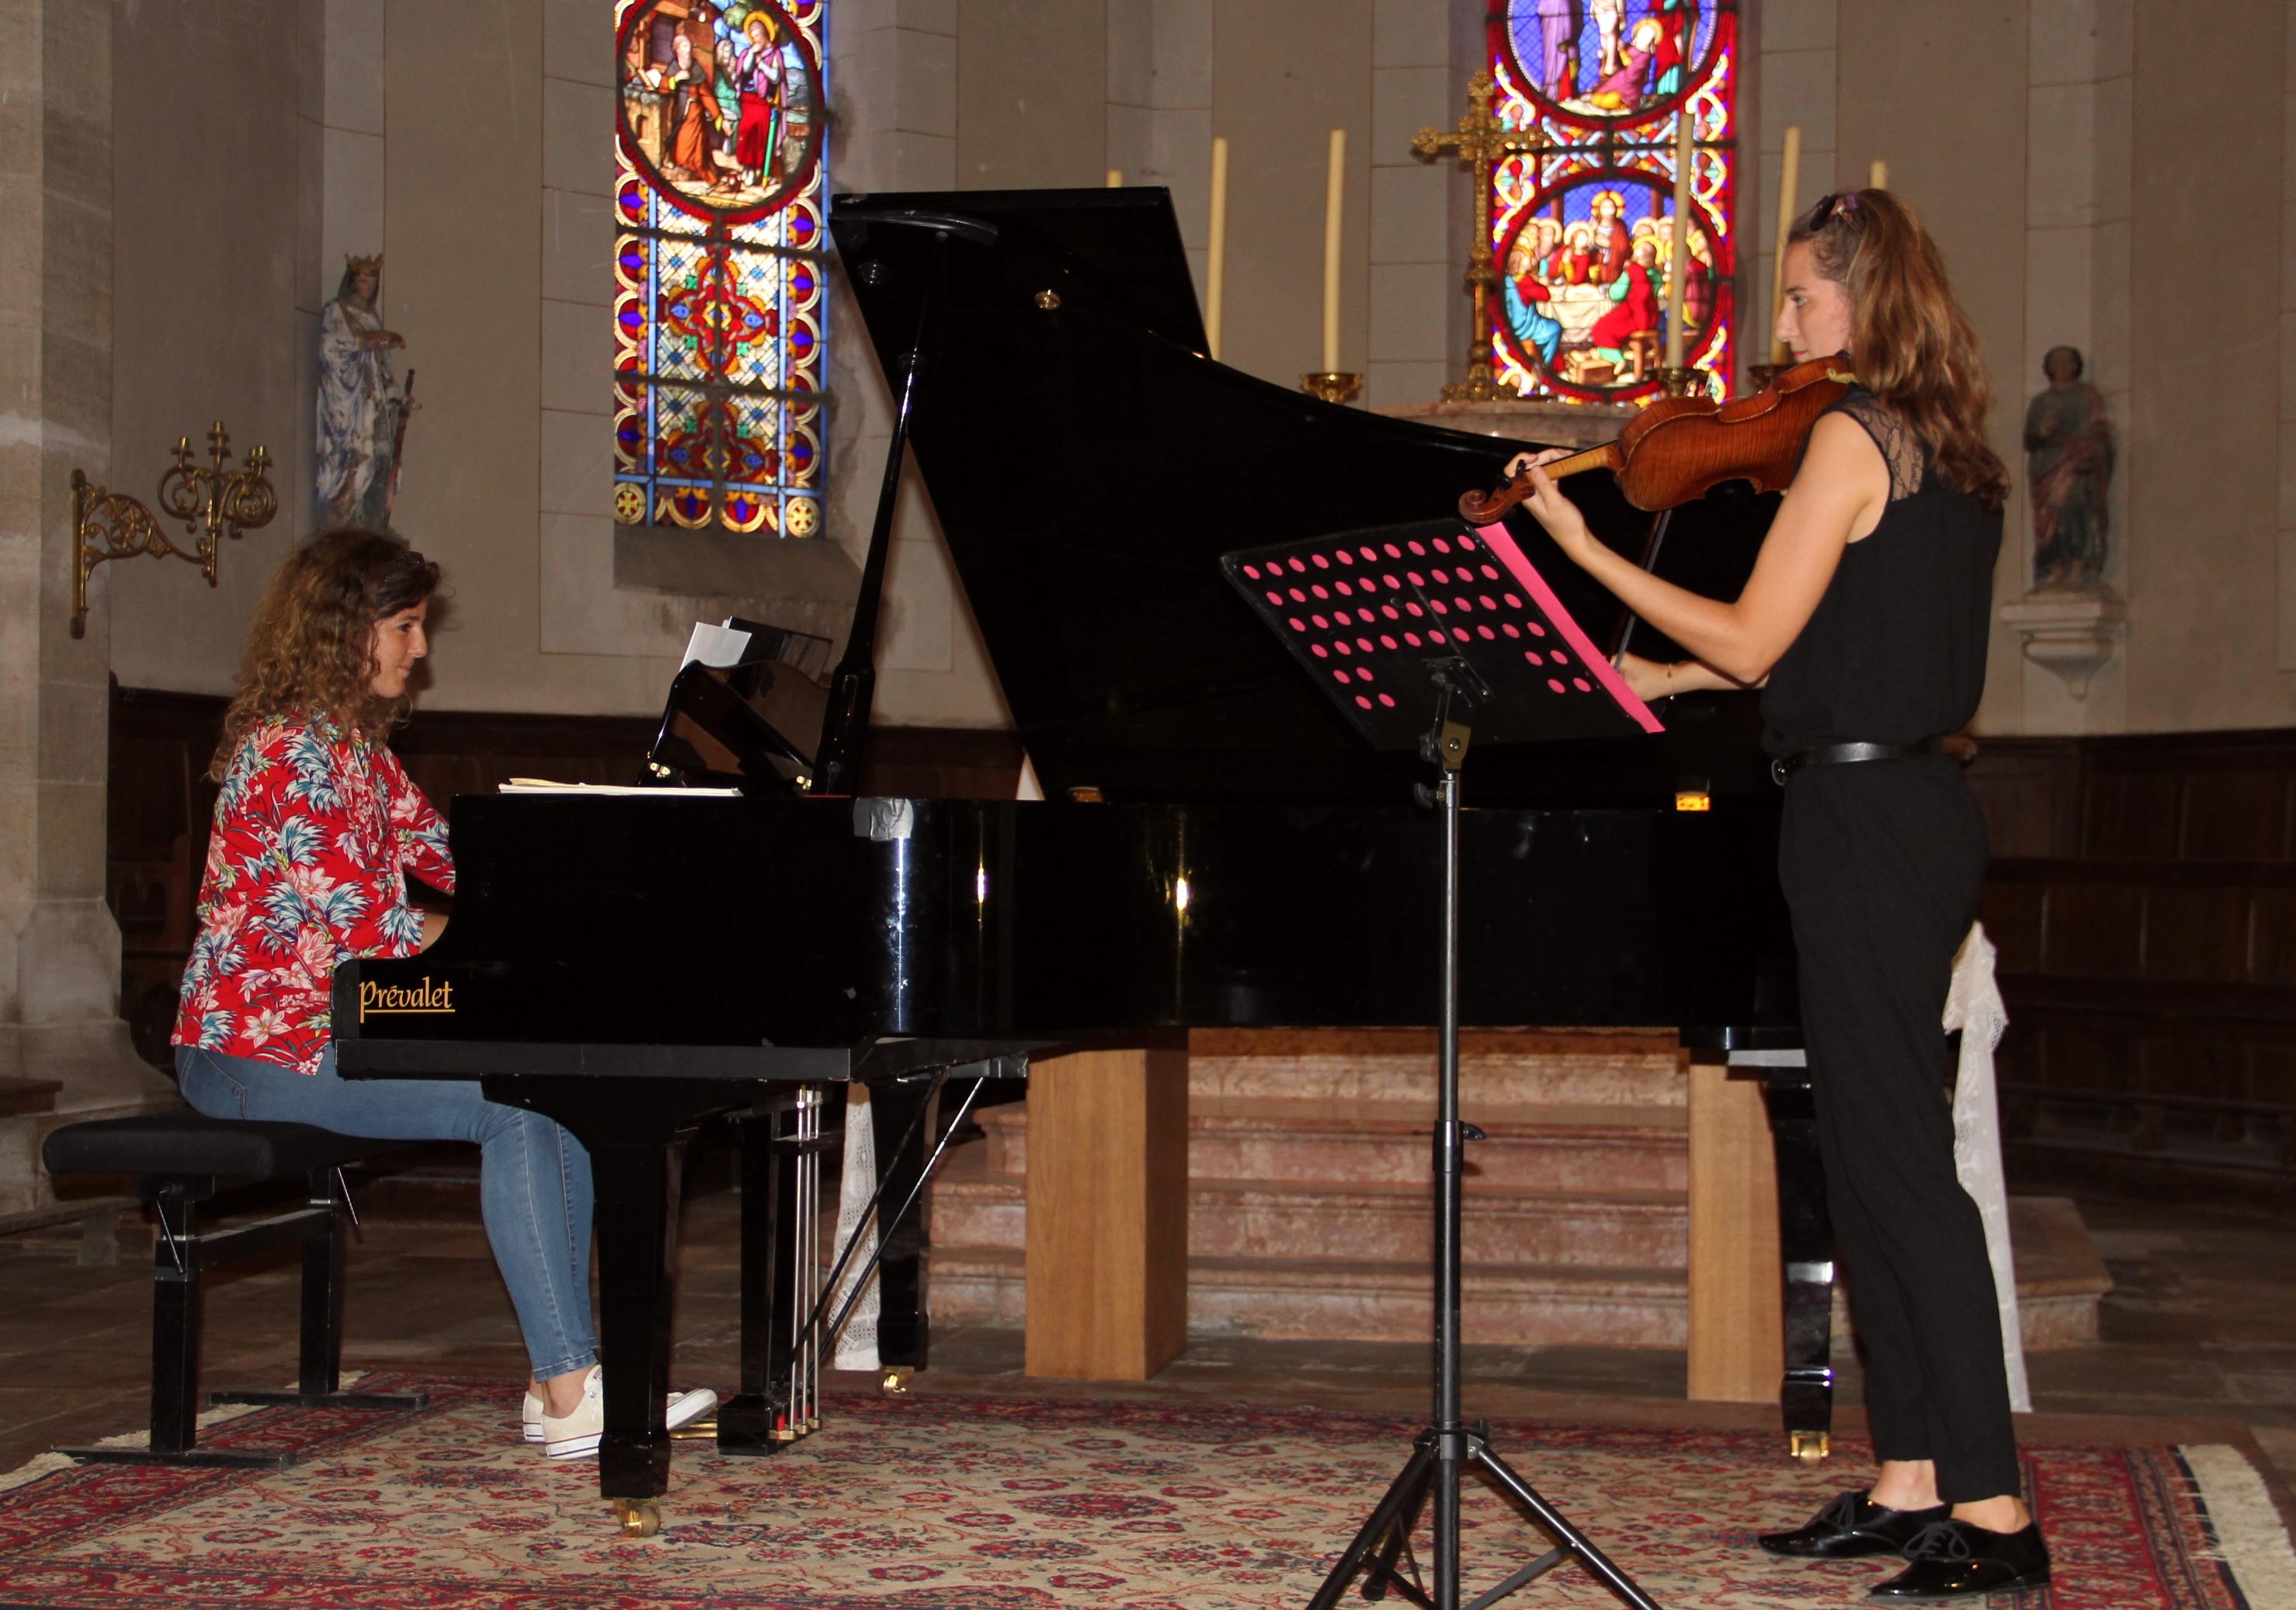 Les soeurs Graziano, Agnès, piano et Marie, violon, en répétition